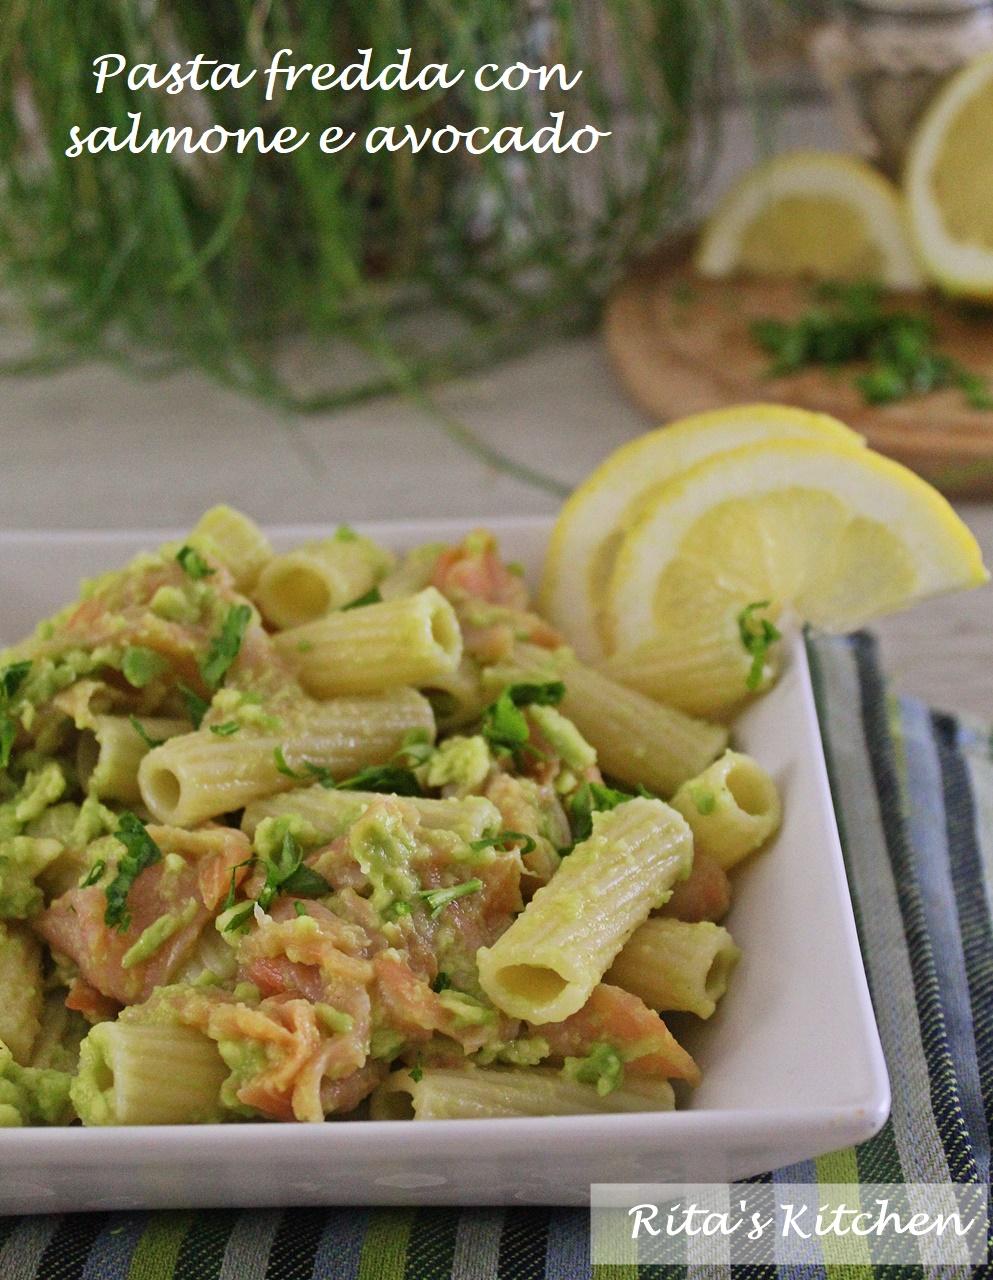 pasta fredda con salmone e avocado